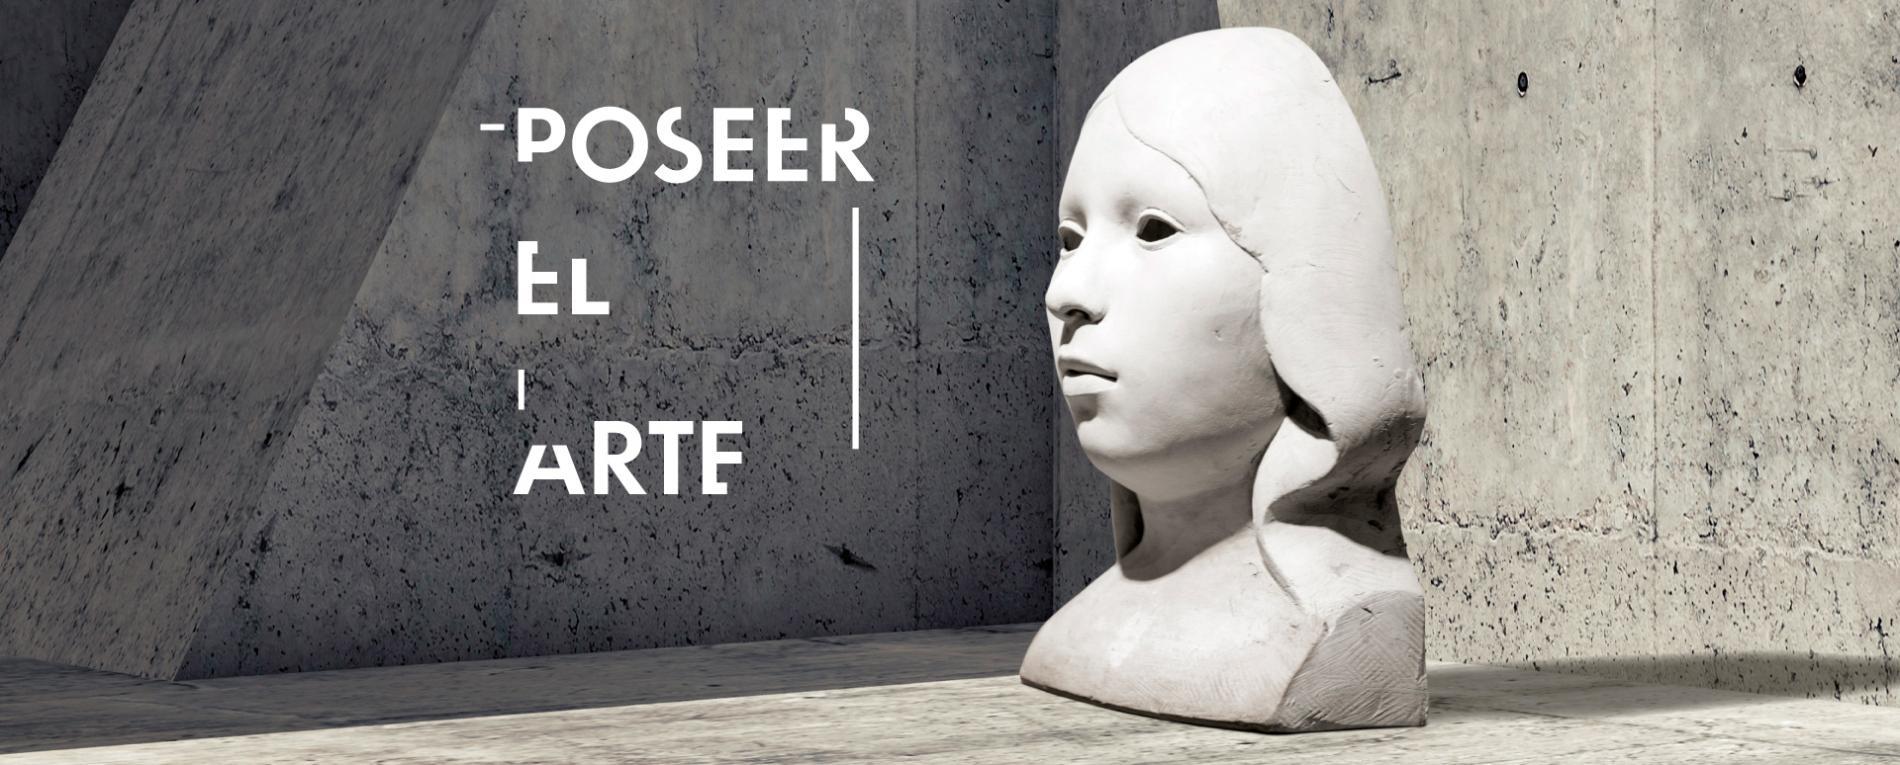 Escultura de arte